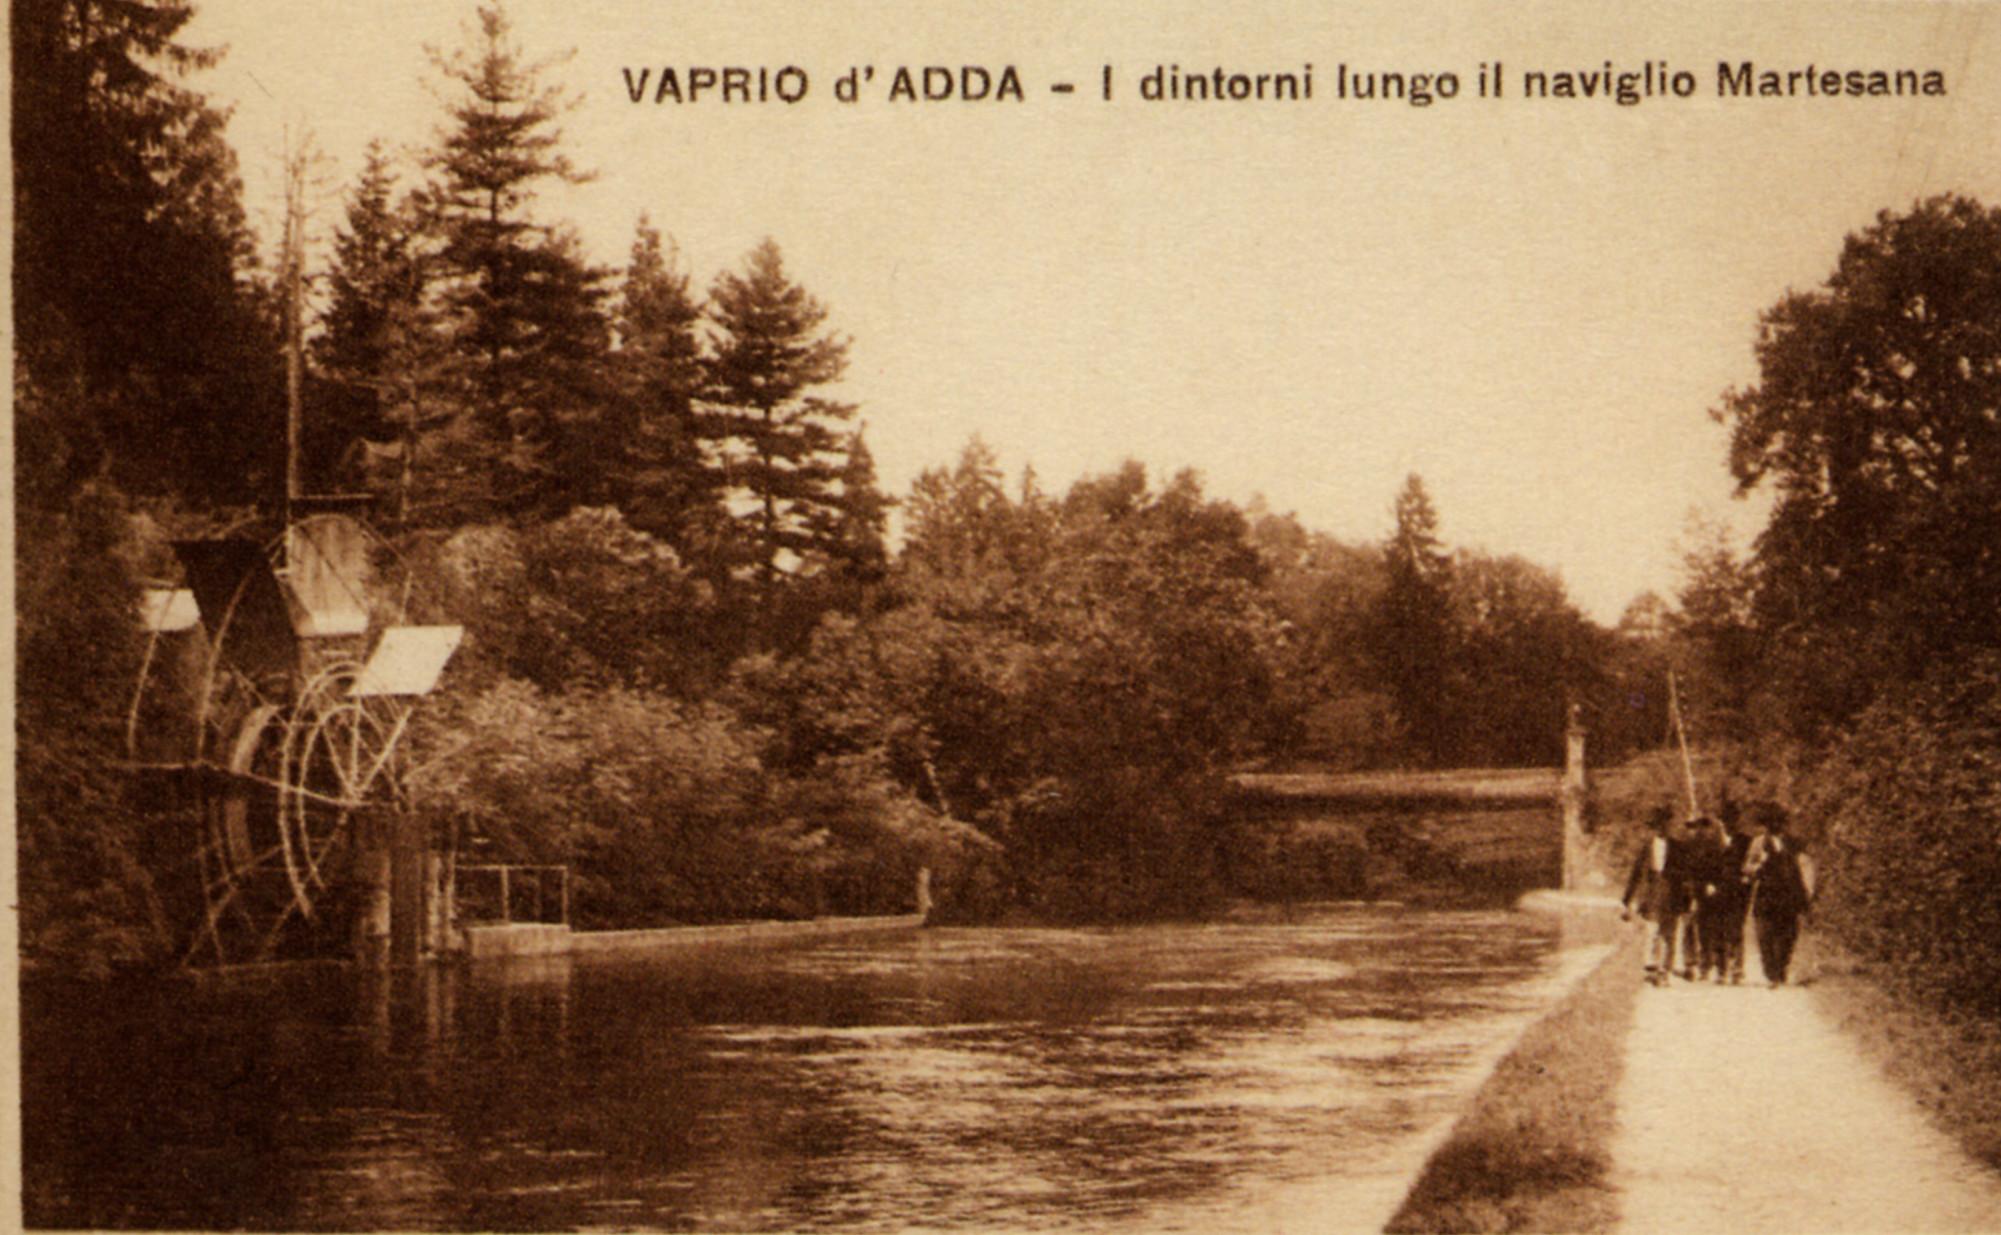 Monasterolo-Rudun al Salecc-Archivio Rino Tinelli